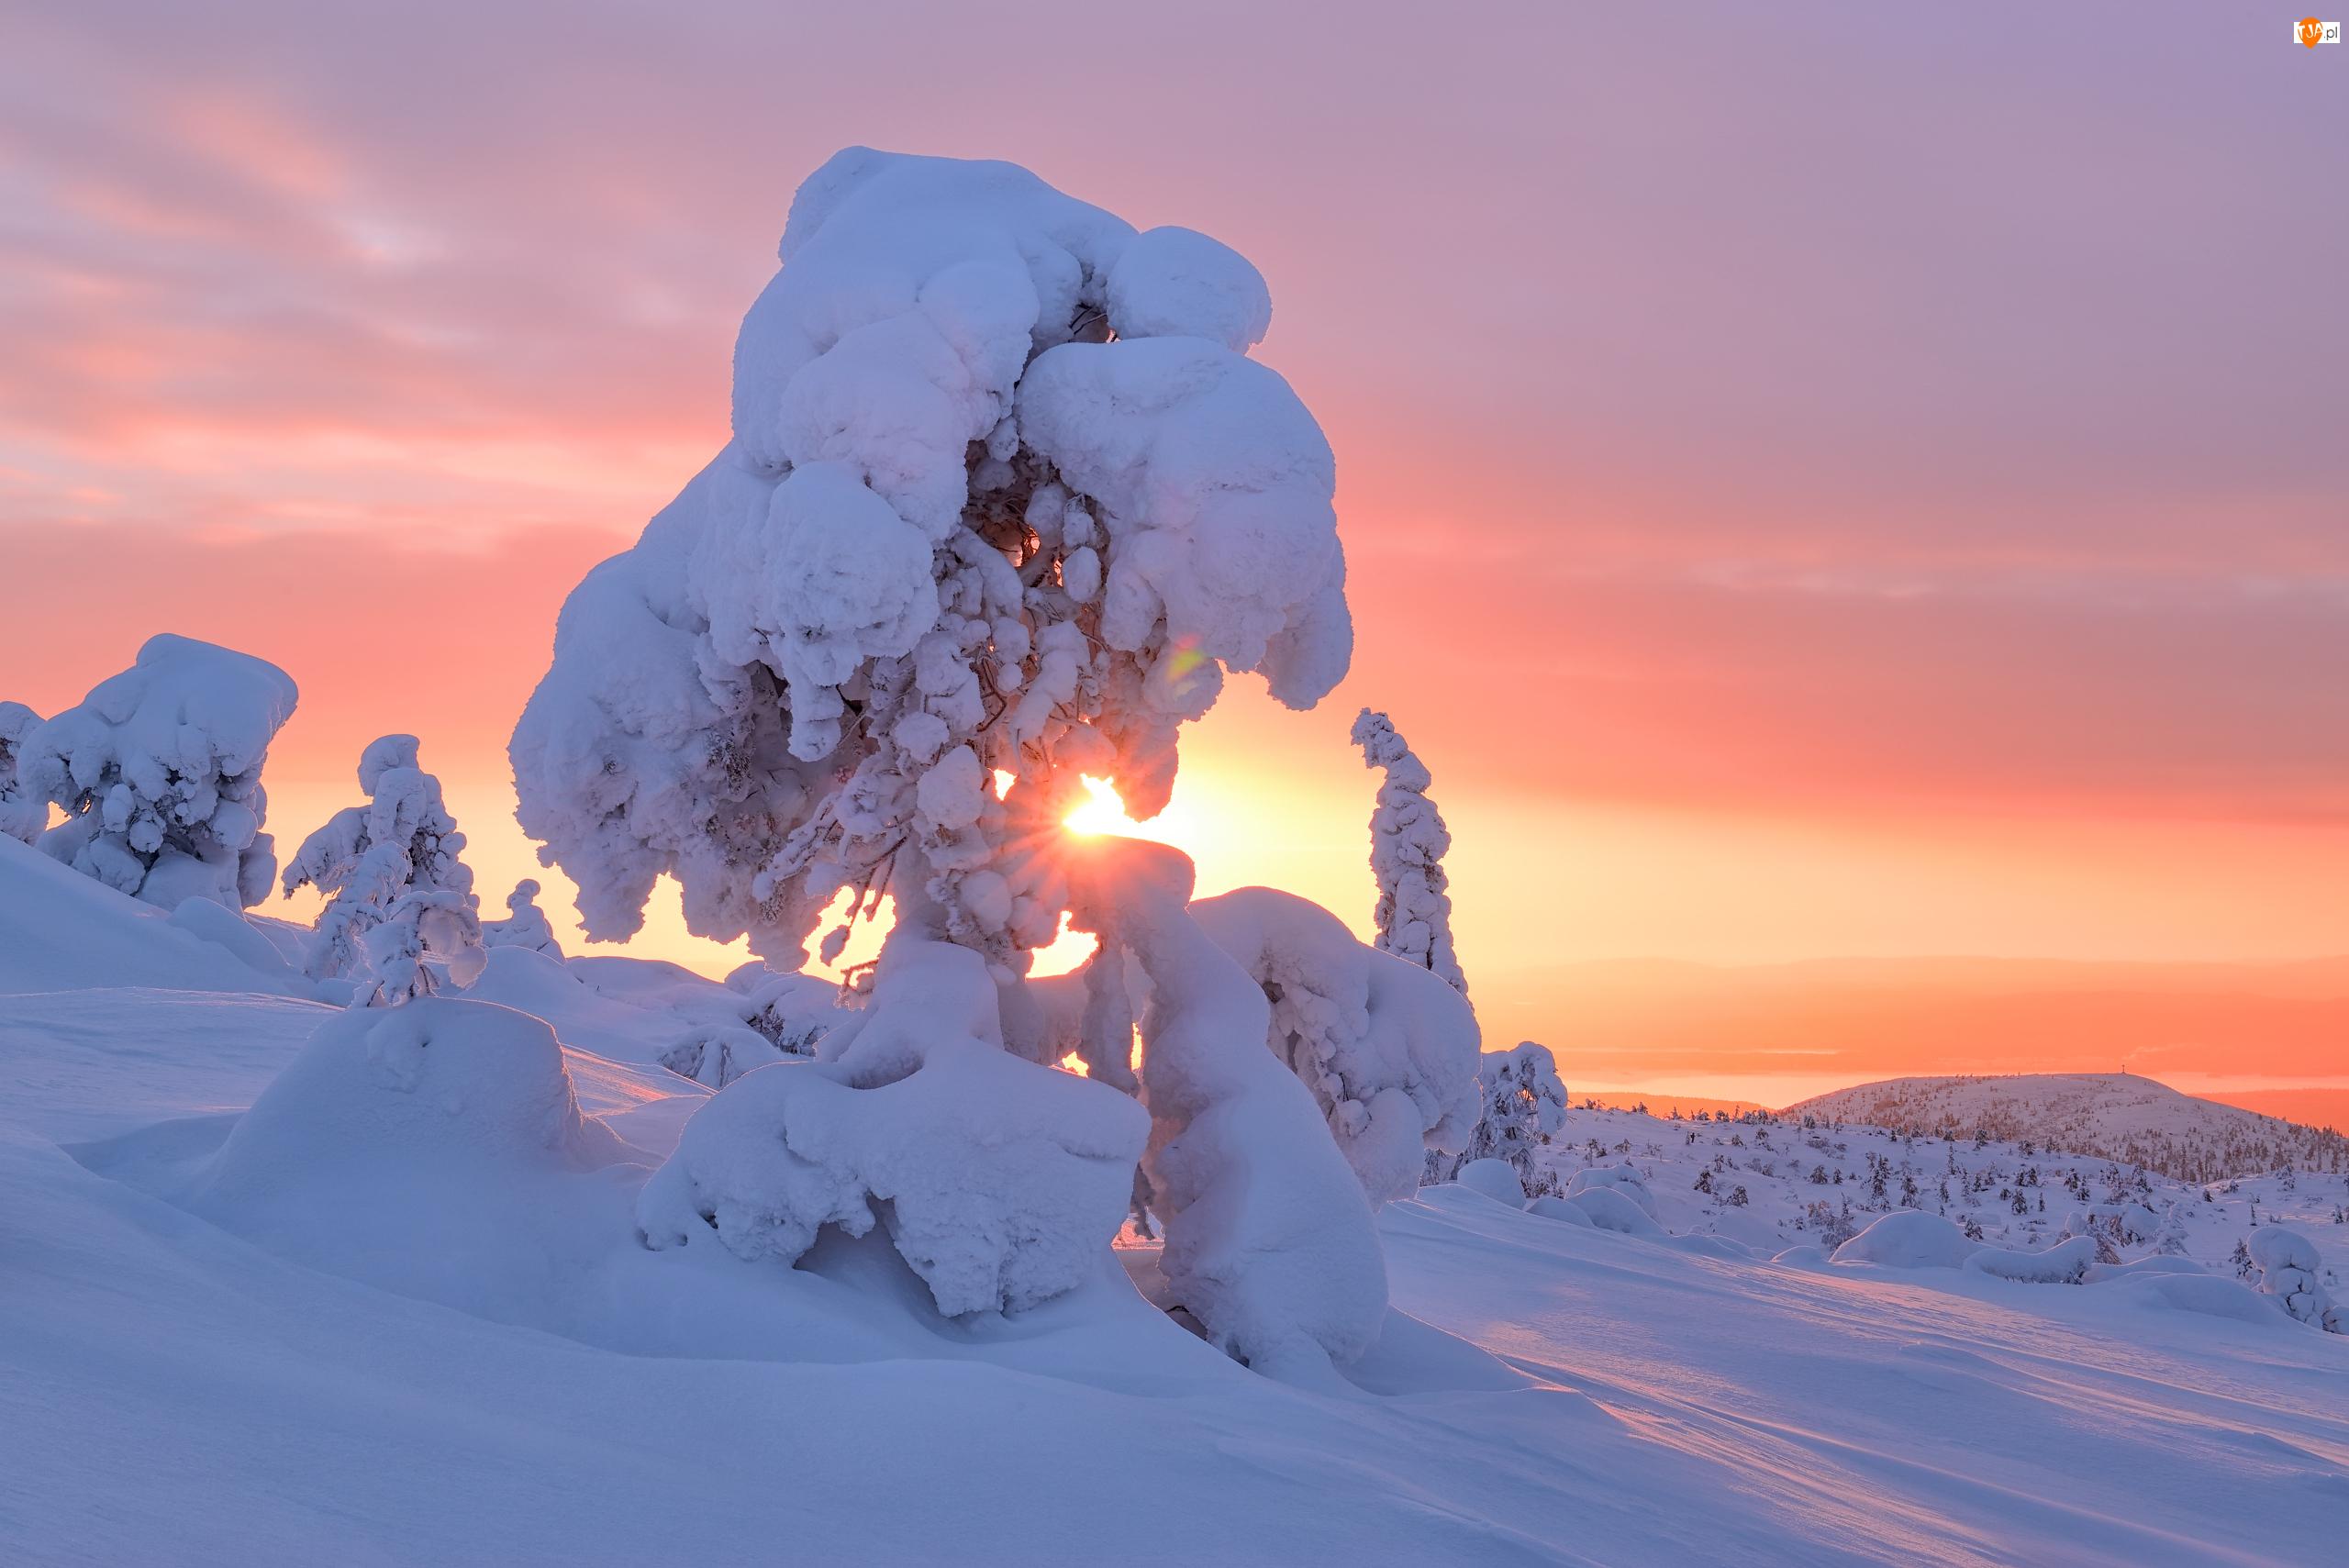 Zima, Śnieg, Rosja, Wschód słońca, Obwód murmański, Kandałaksza, Drzewa